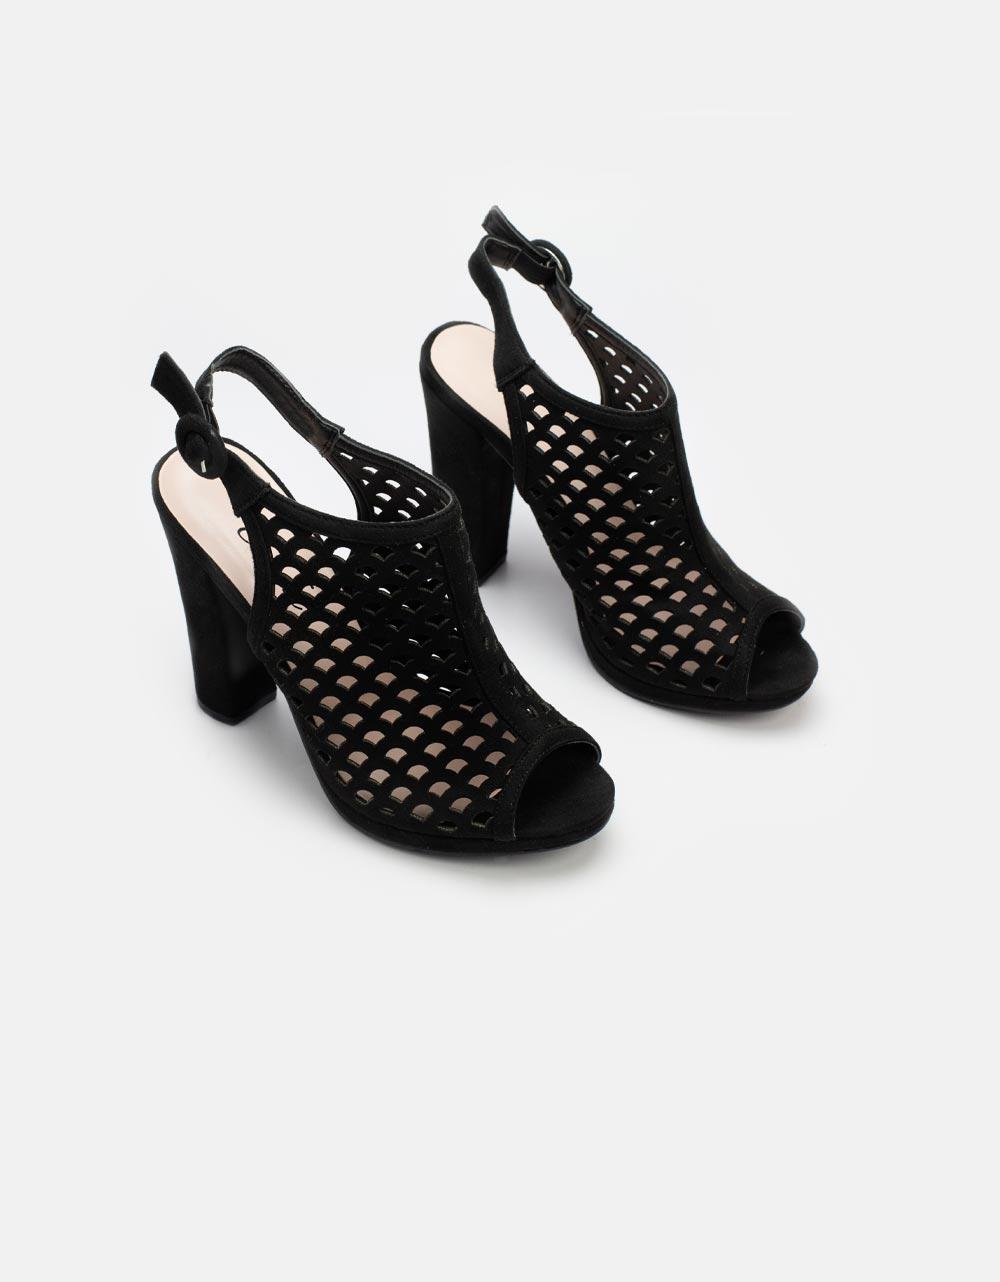 Εικόνα από Γυναικεία πέδιλα peep toe με διάτρητο σχέδιο Μαύρο